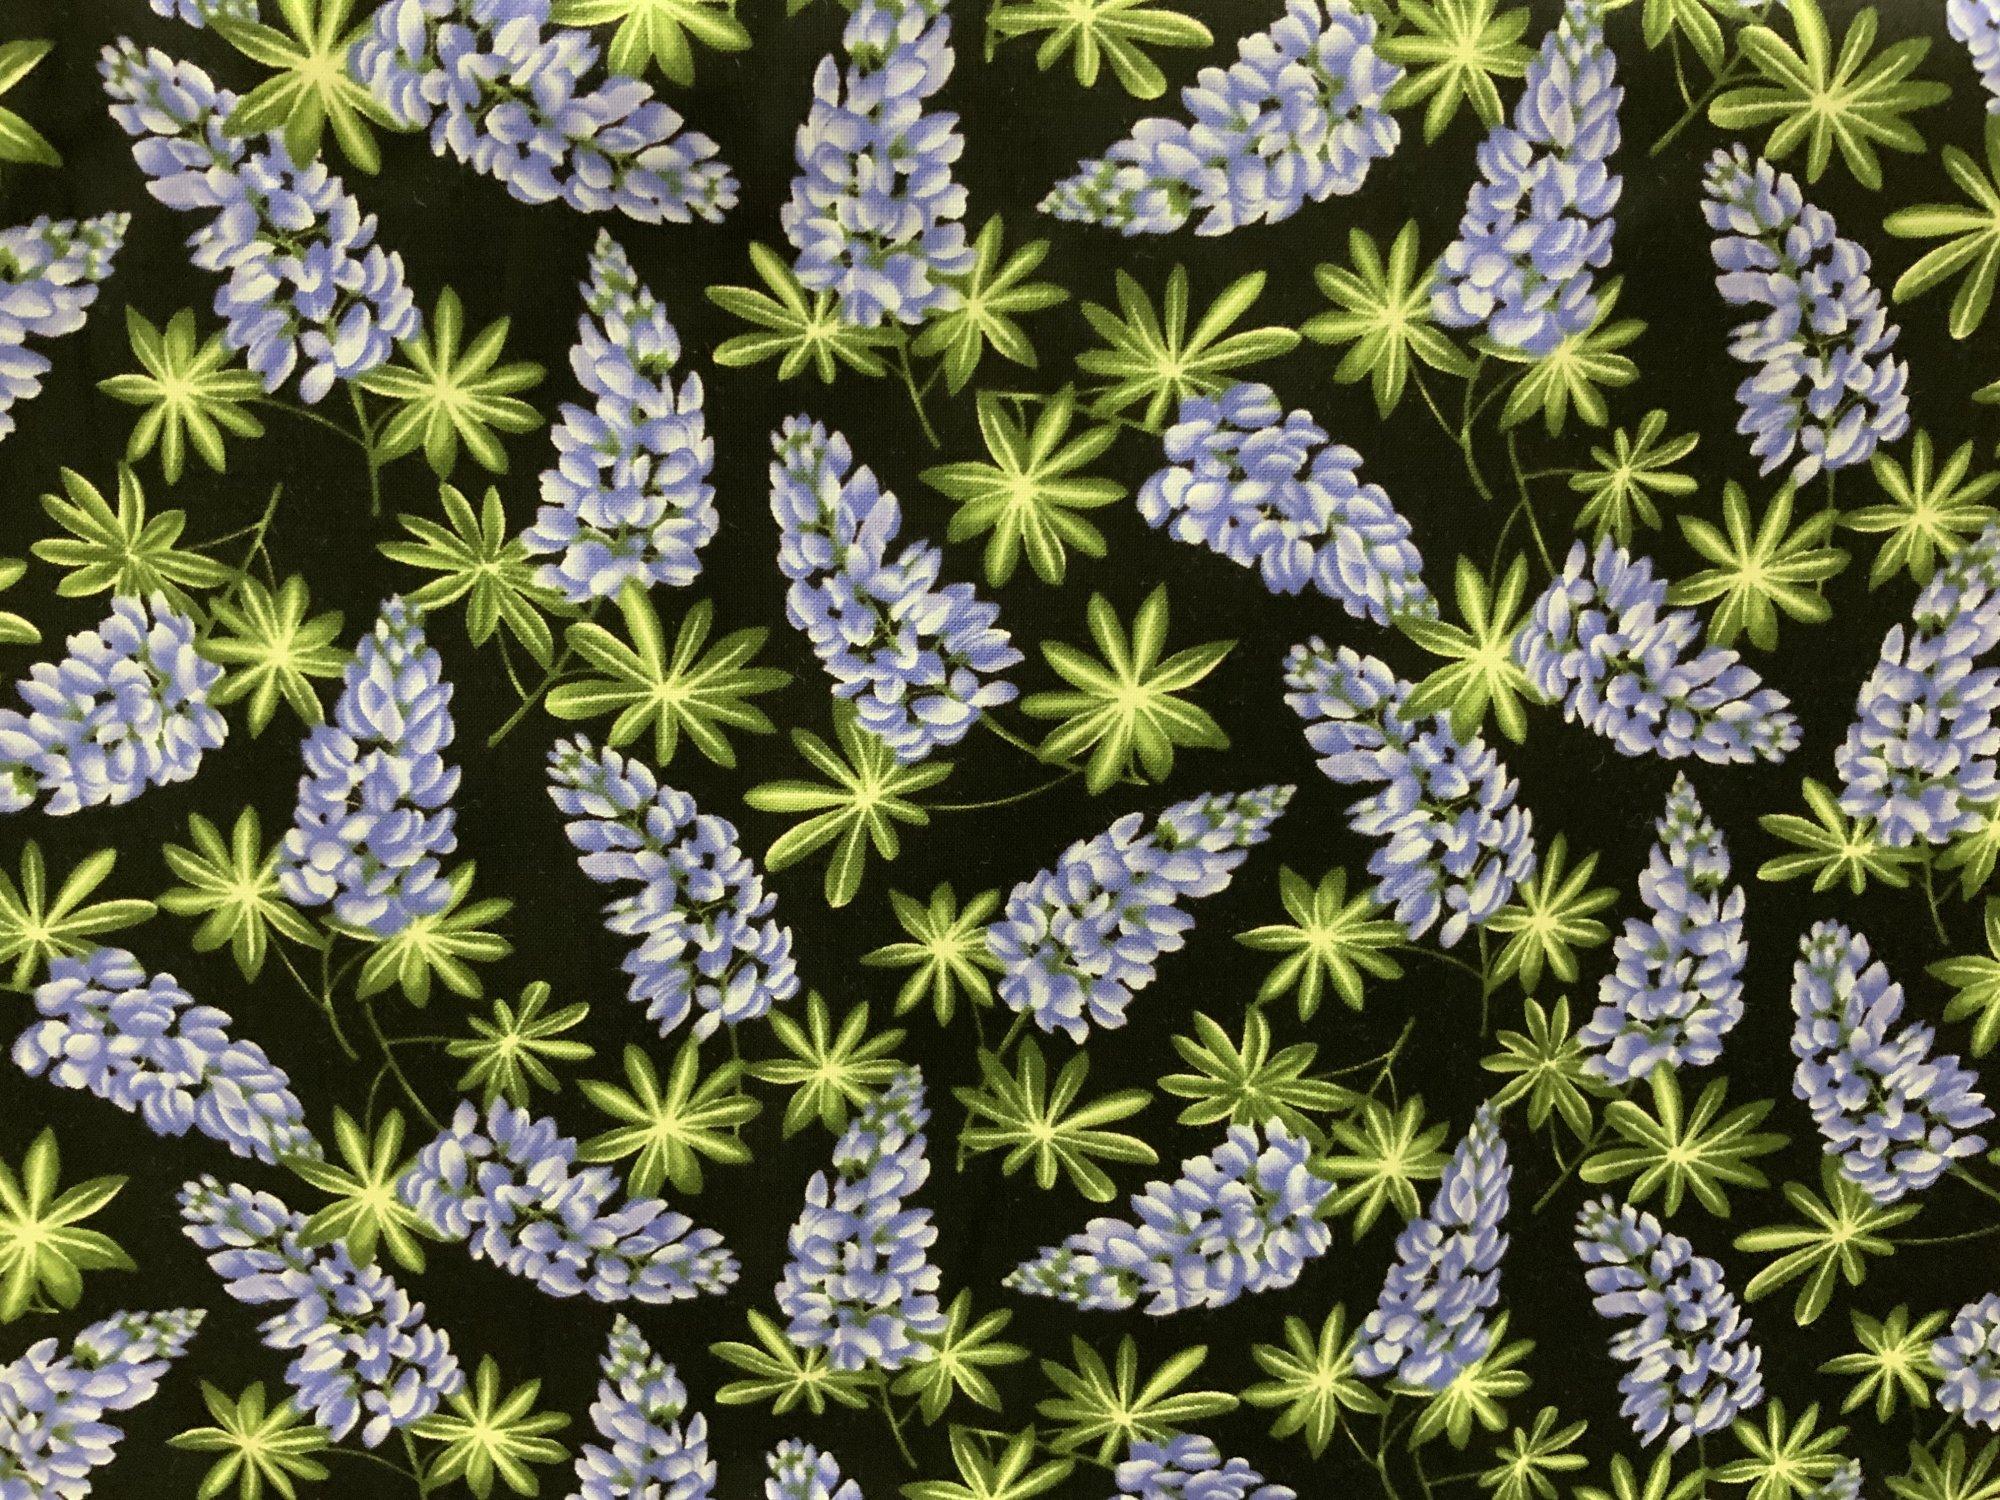 A Wildflower Meadow blue bonnets